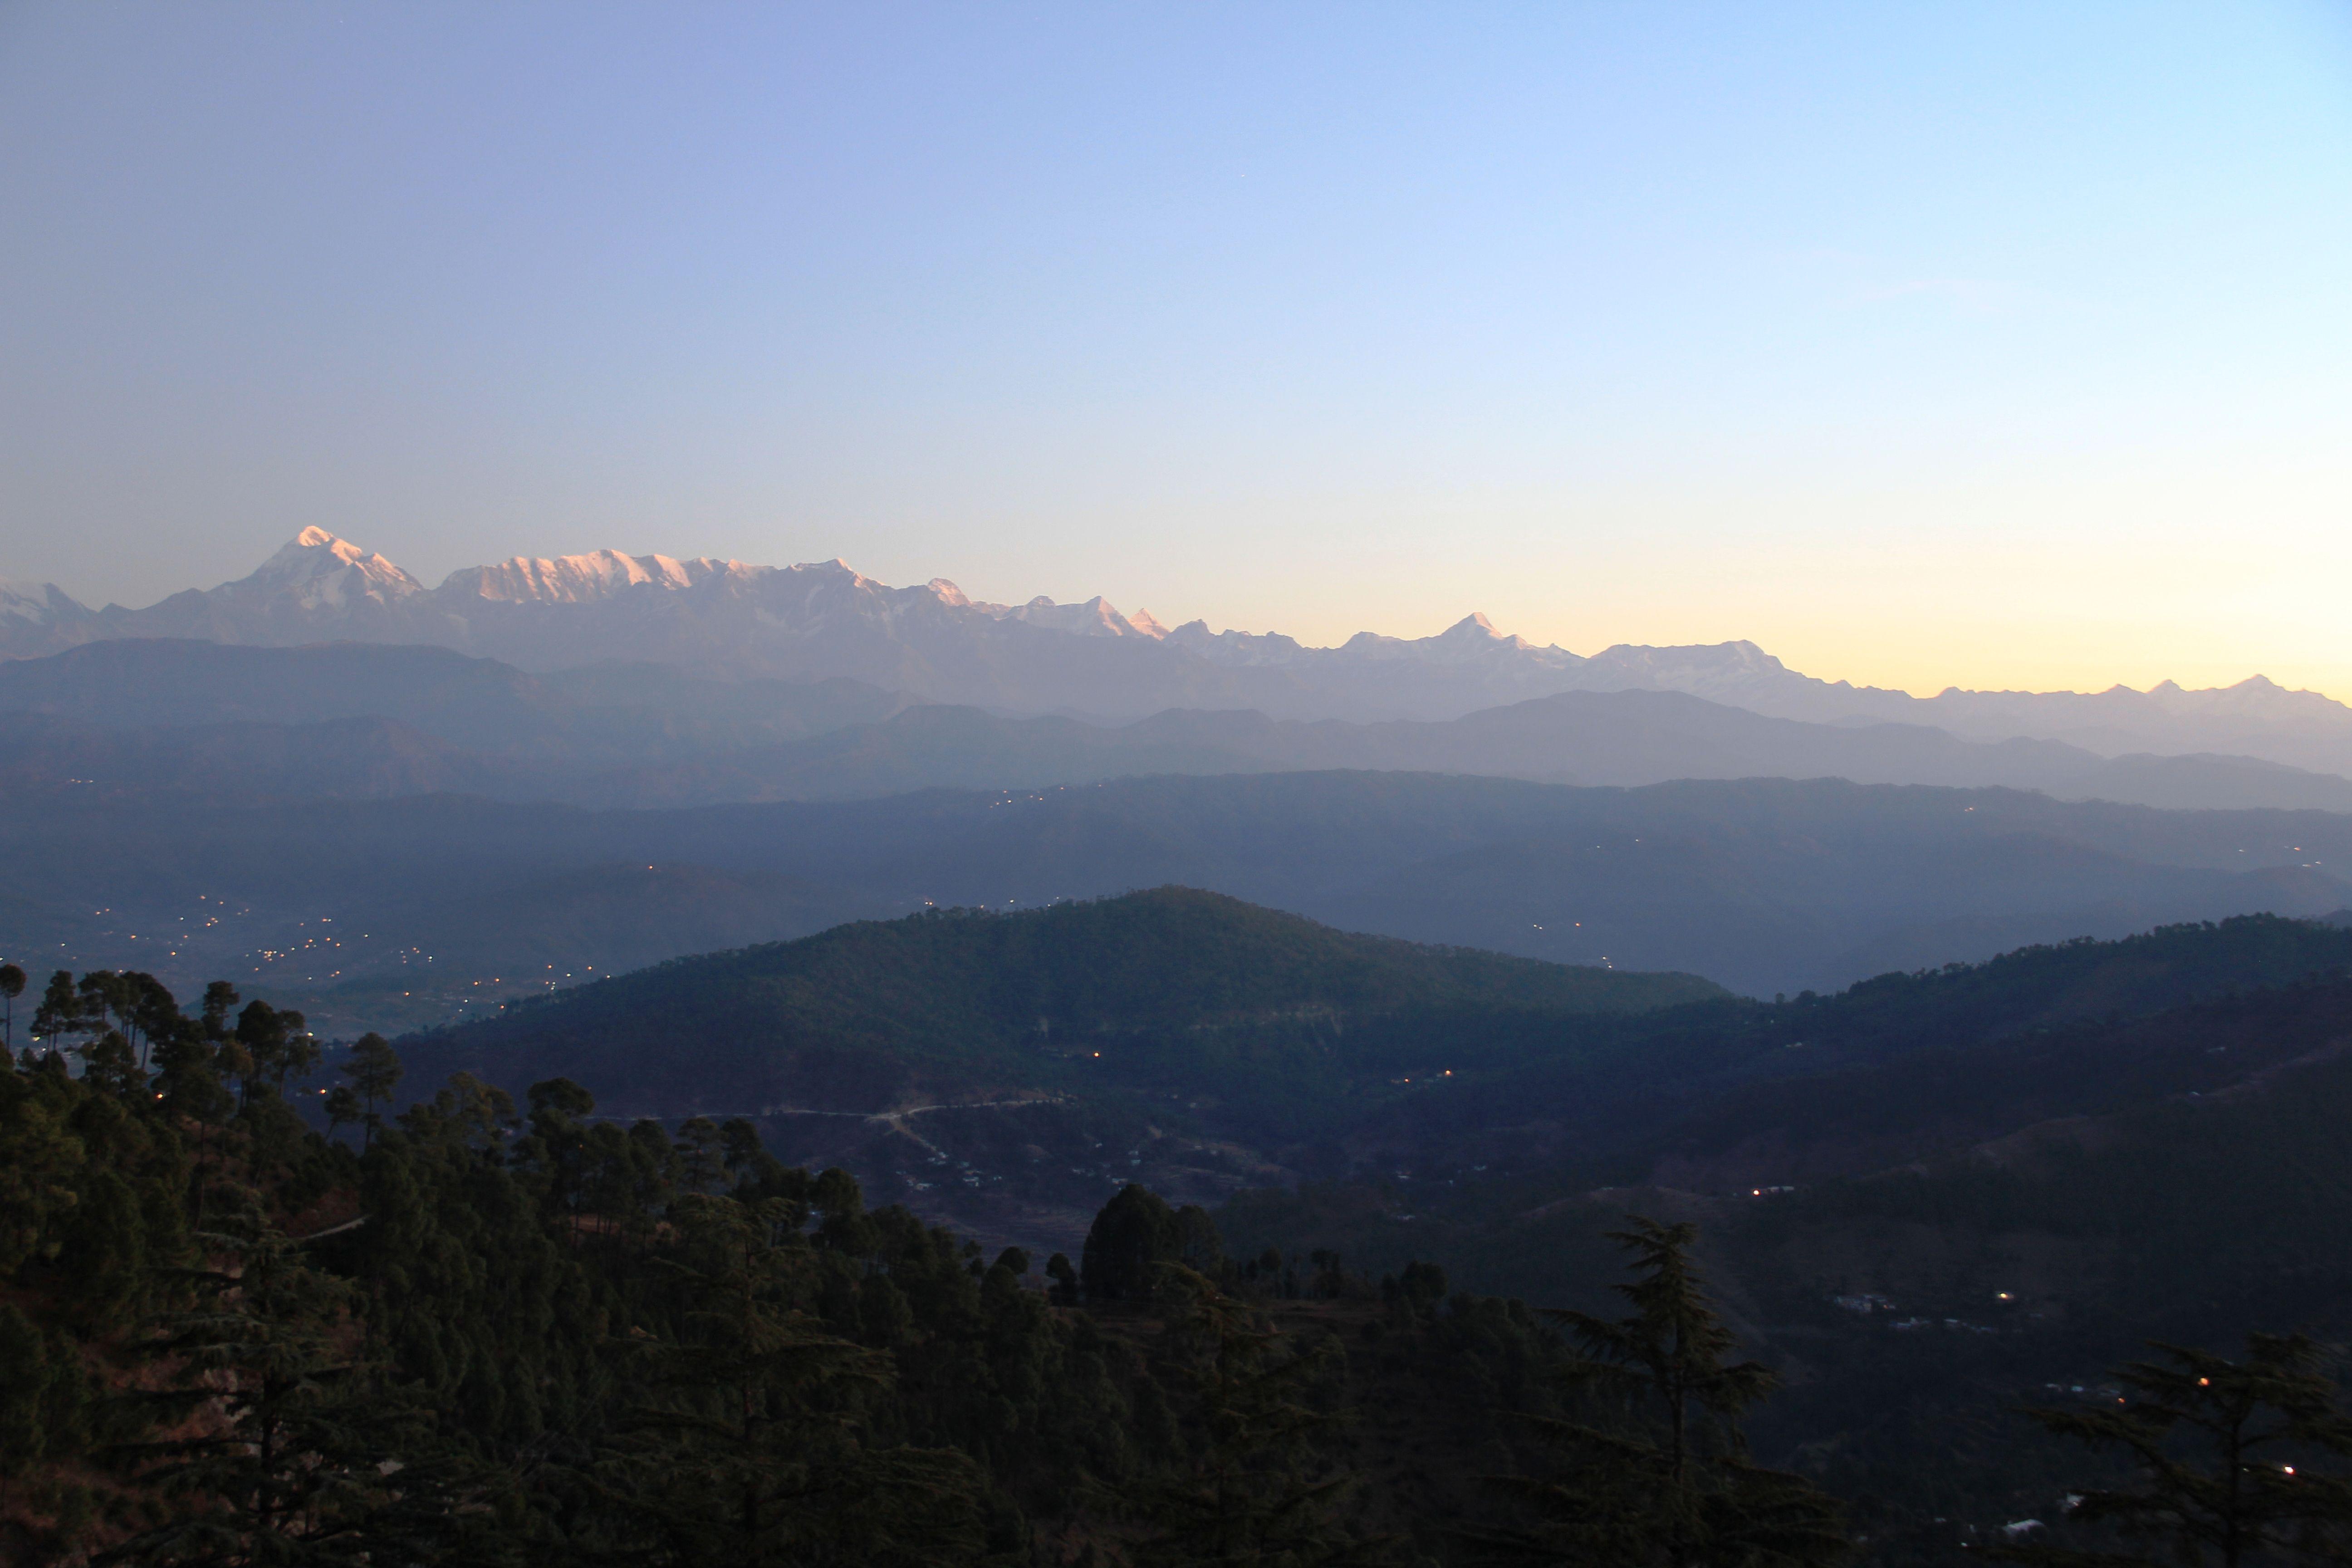 Kausani, Uttarakahand